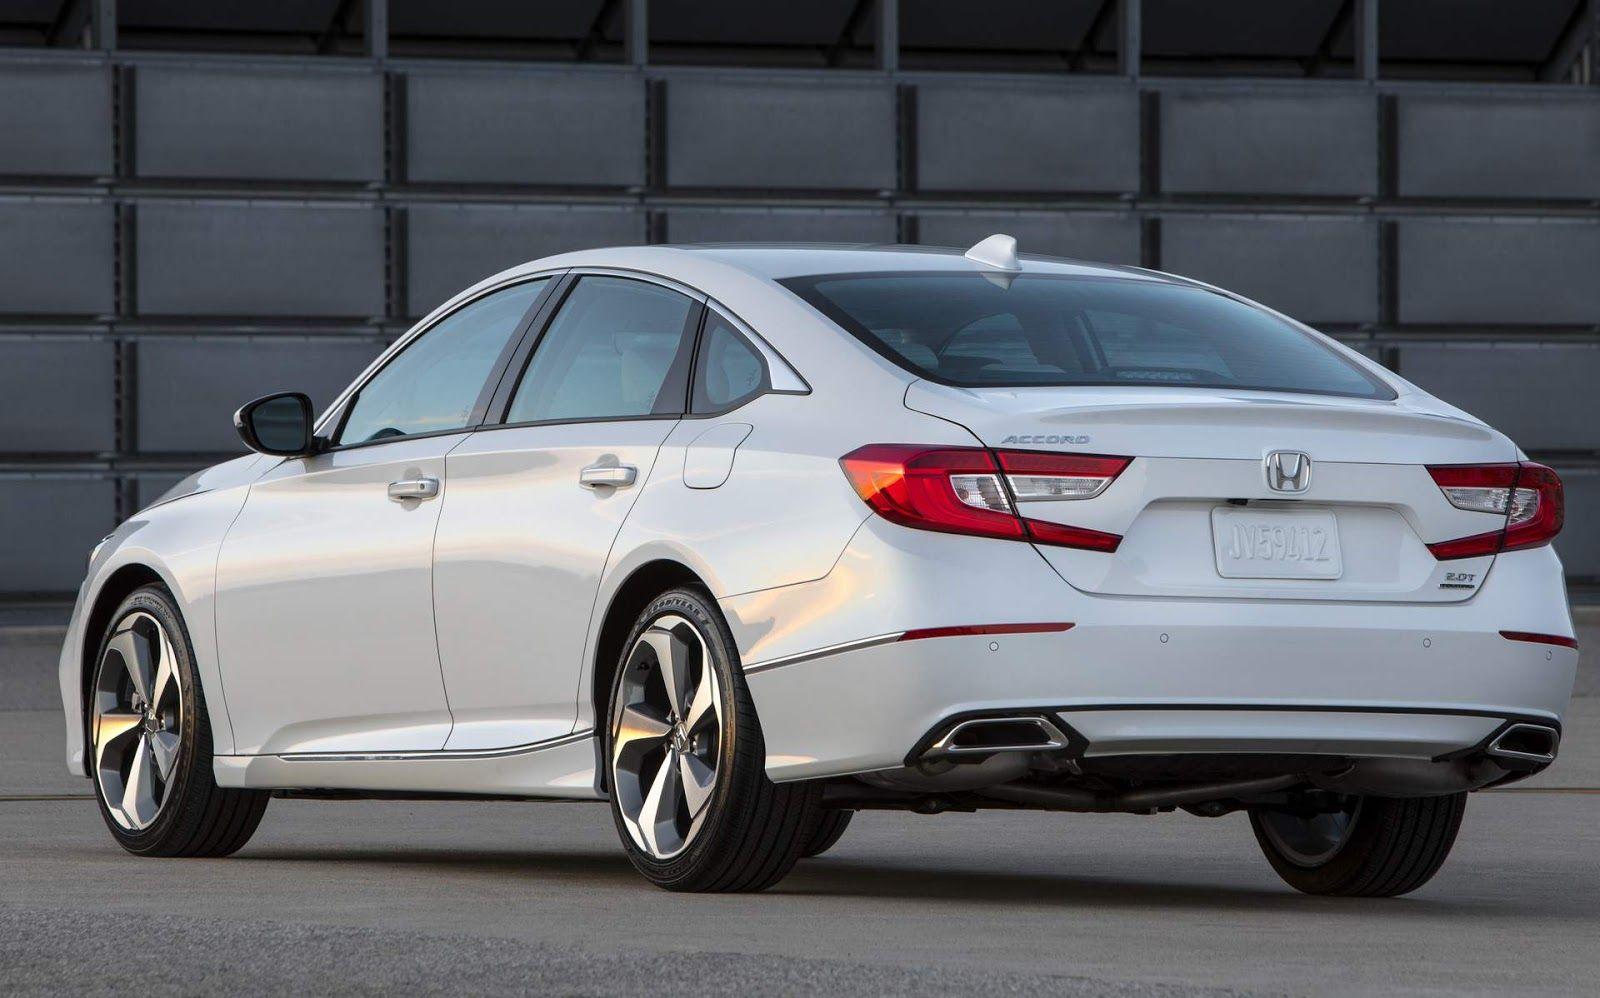 honda accord 2018 | Novo Honda Accord 2018: fotos e especificações oficiais ... | Honda accord, Honda, Automóveis